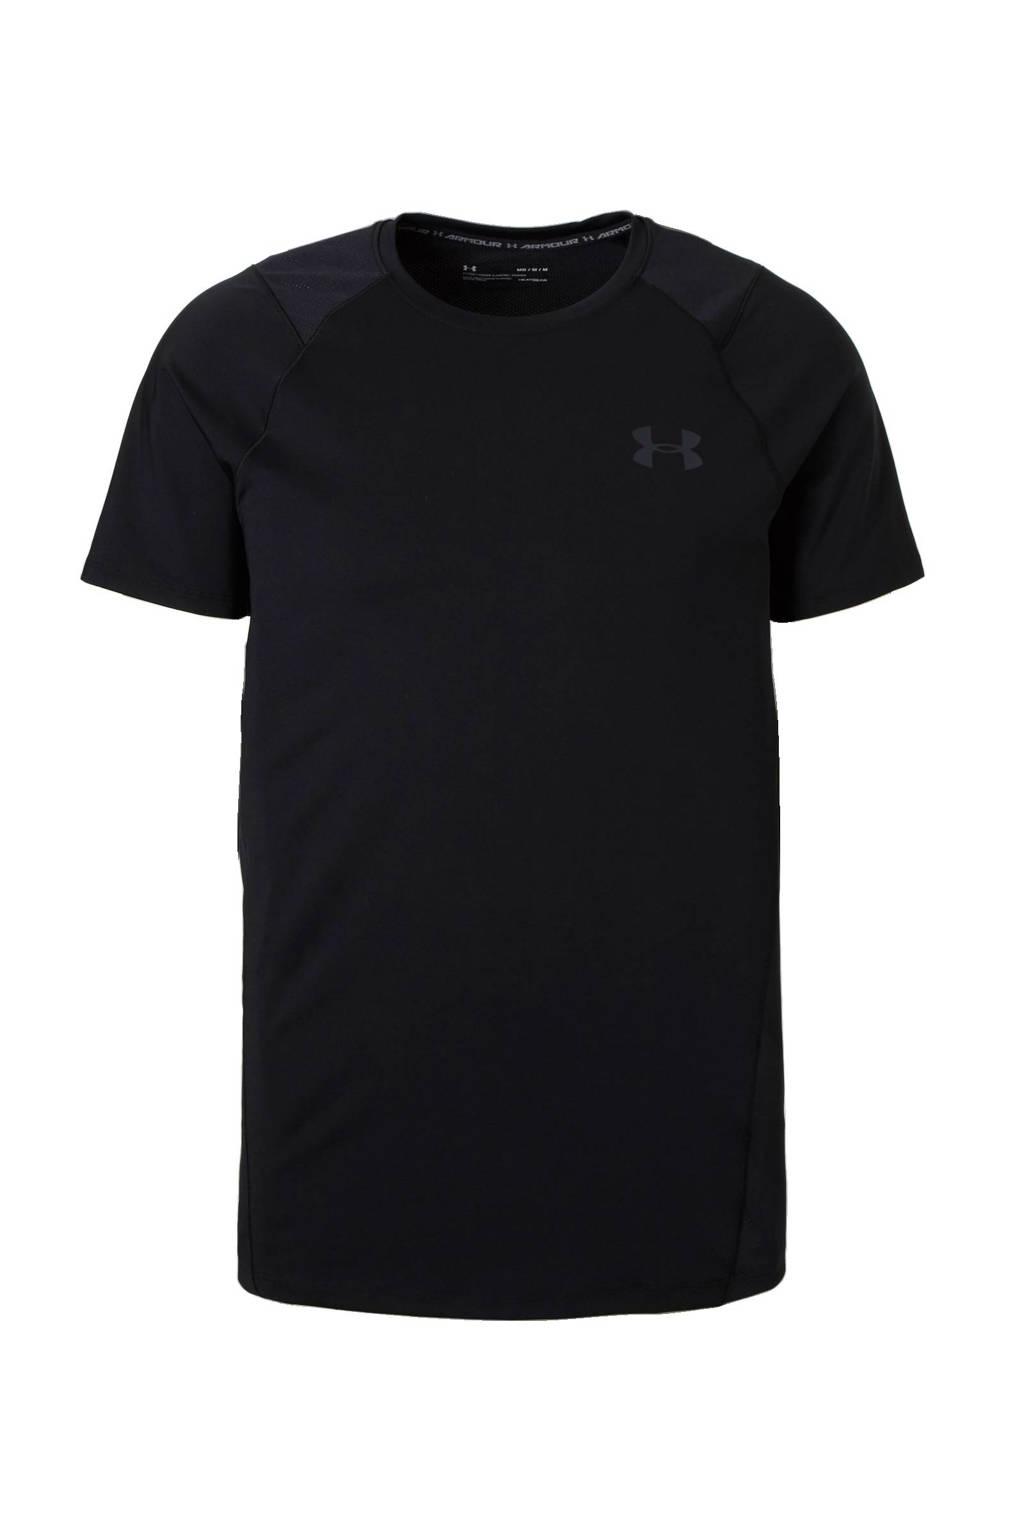 Under Armour   sport T-shirt zwart, Zwart